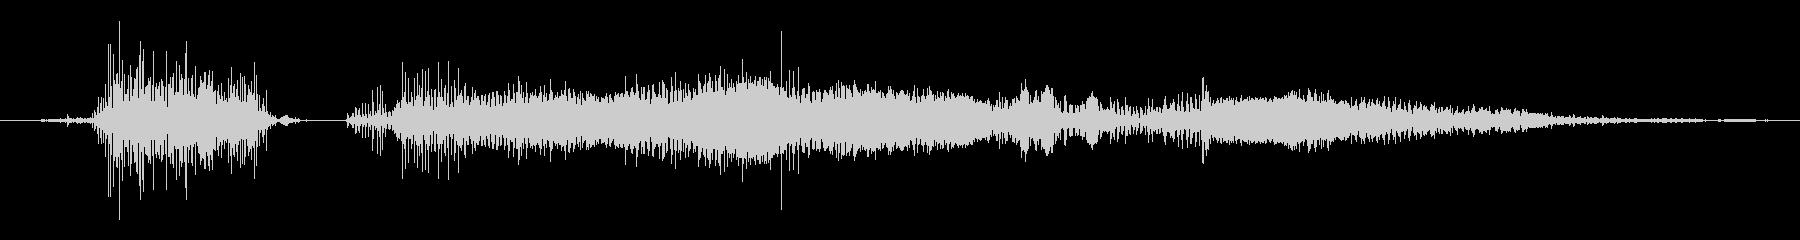 モンスター デススクリームハイ10の未再生の波形